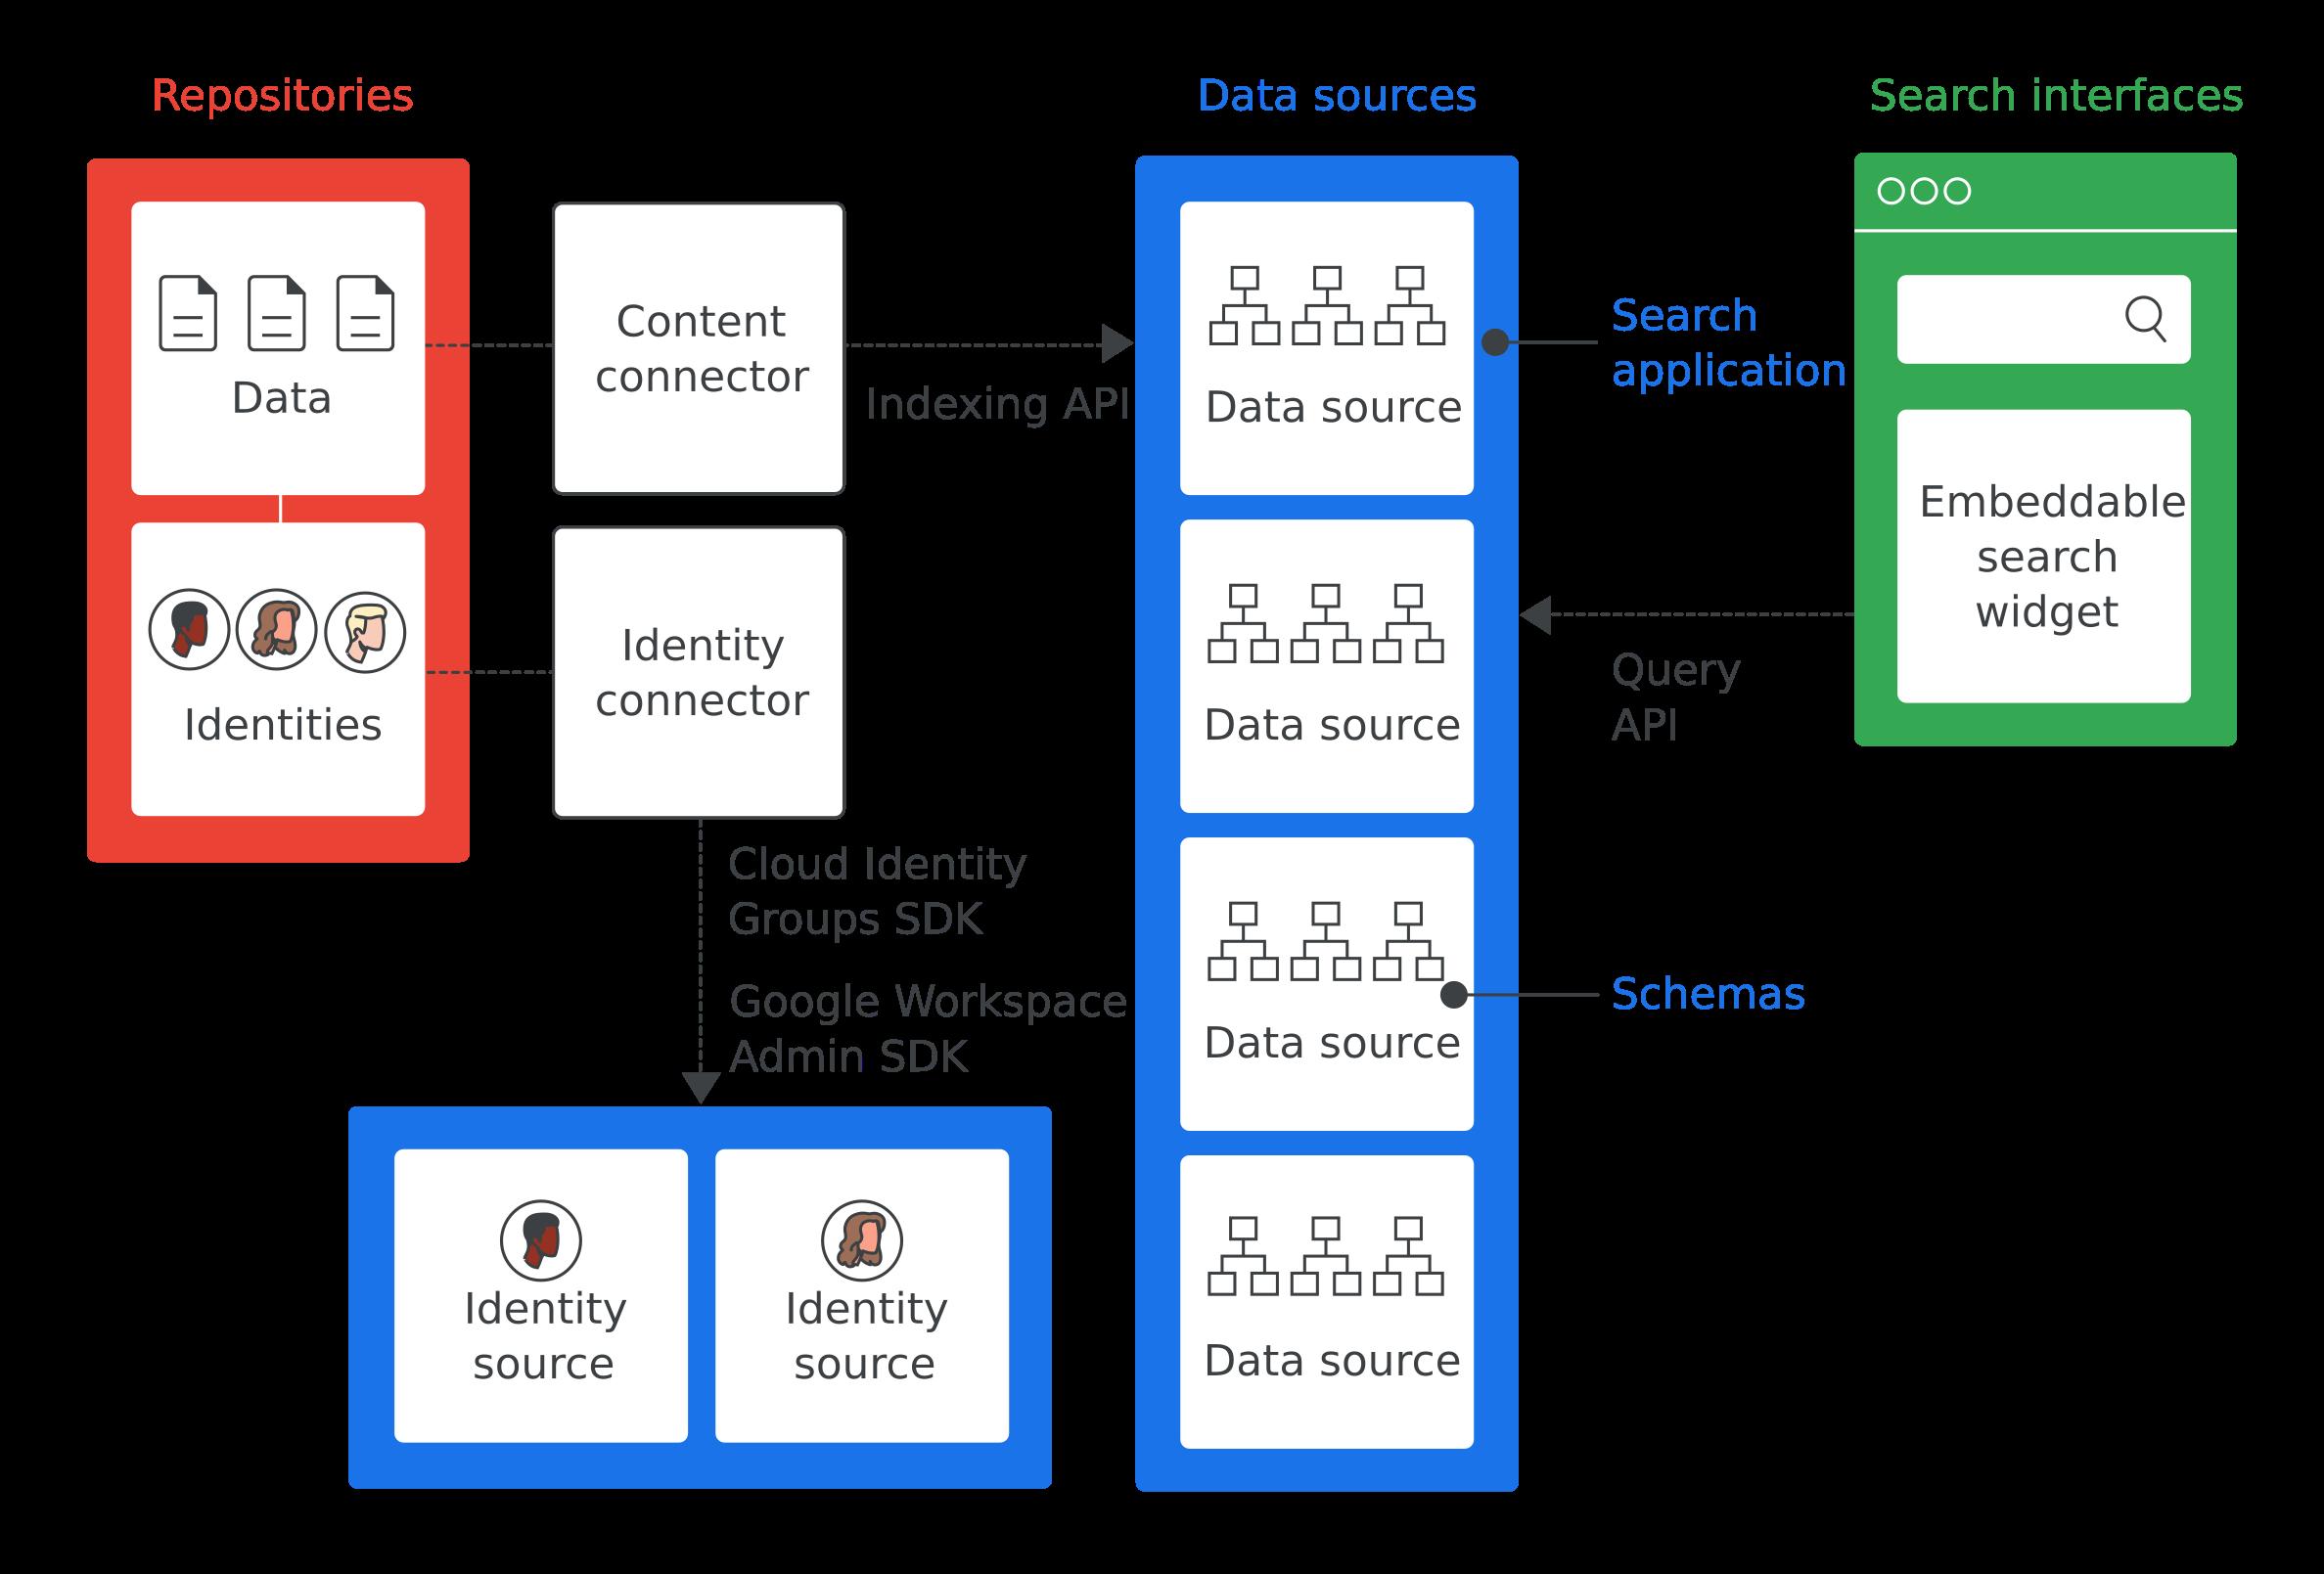 Descripción general de la arquitectura de Google Cloud Search